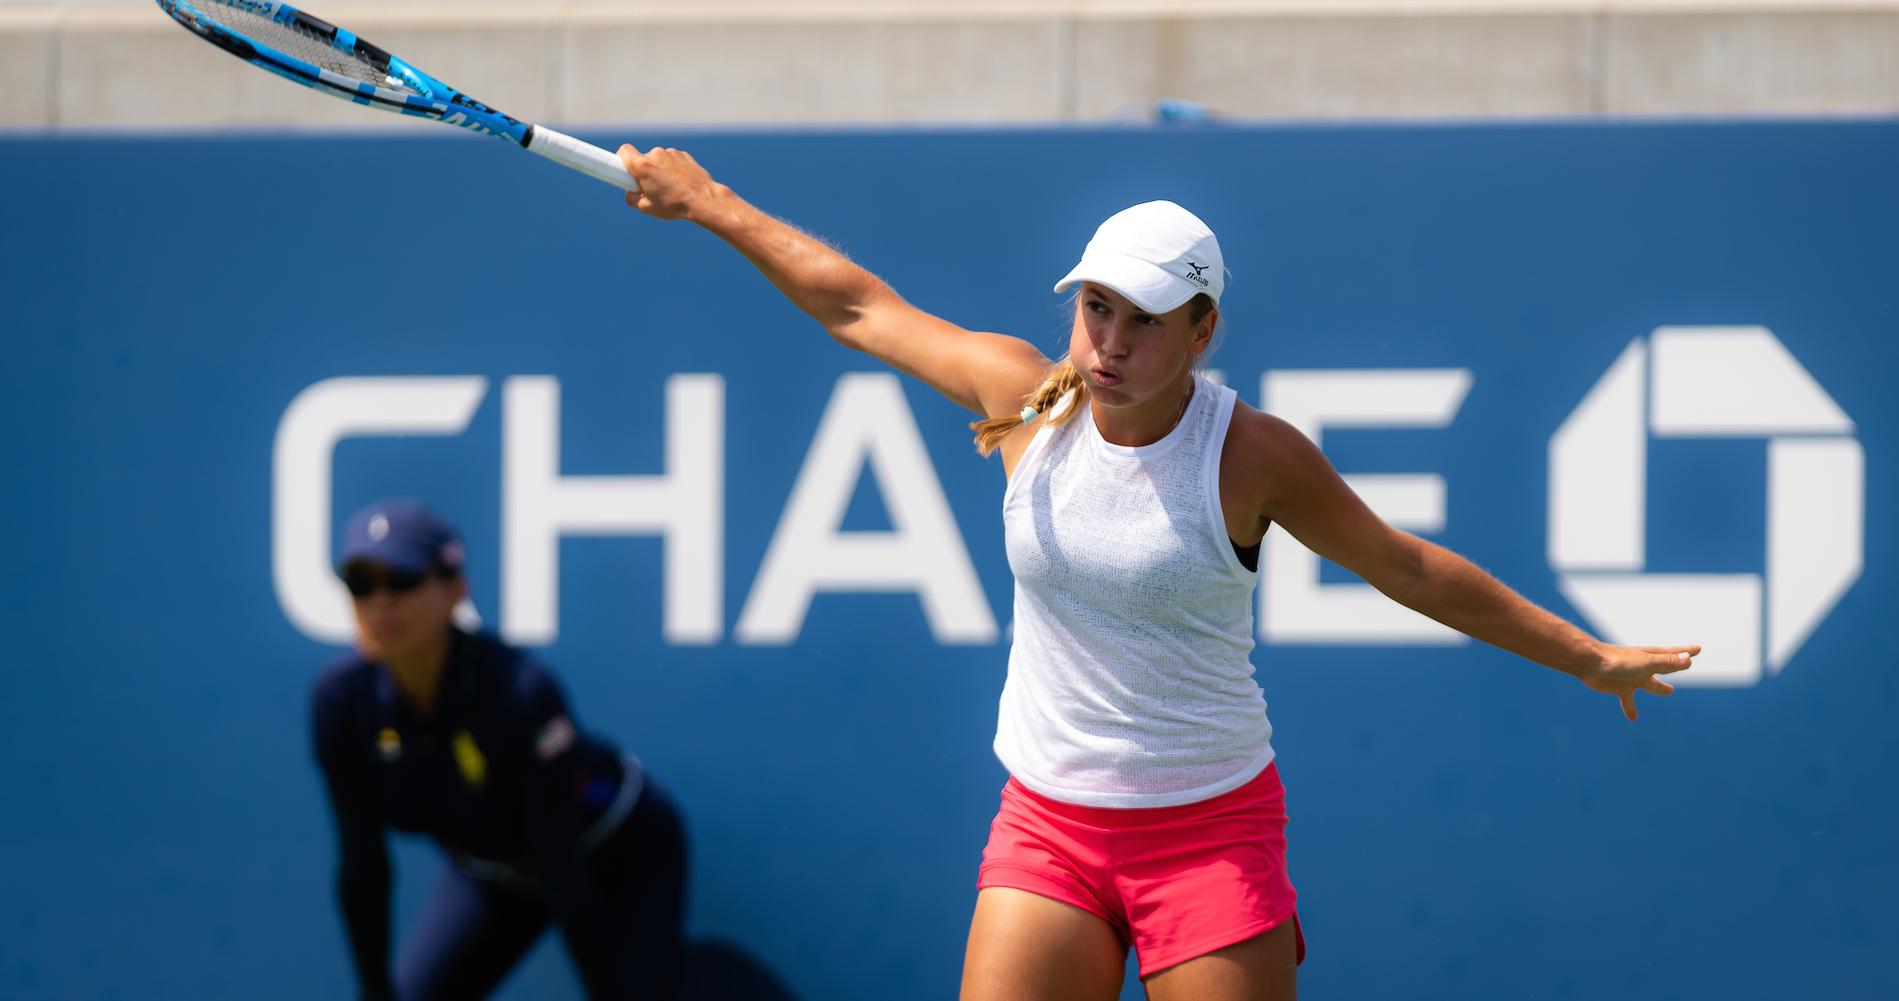 Putintseva US Open